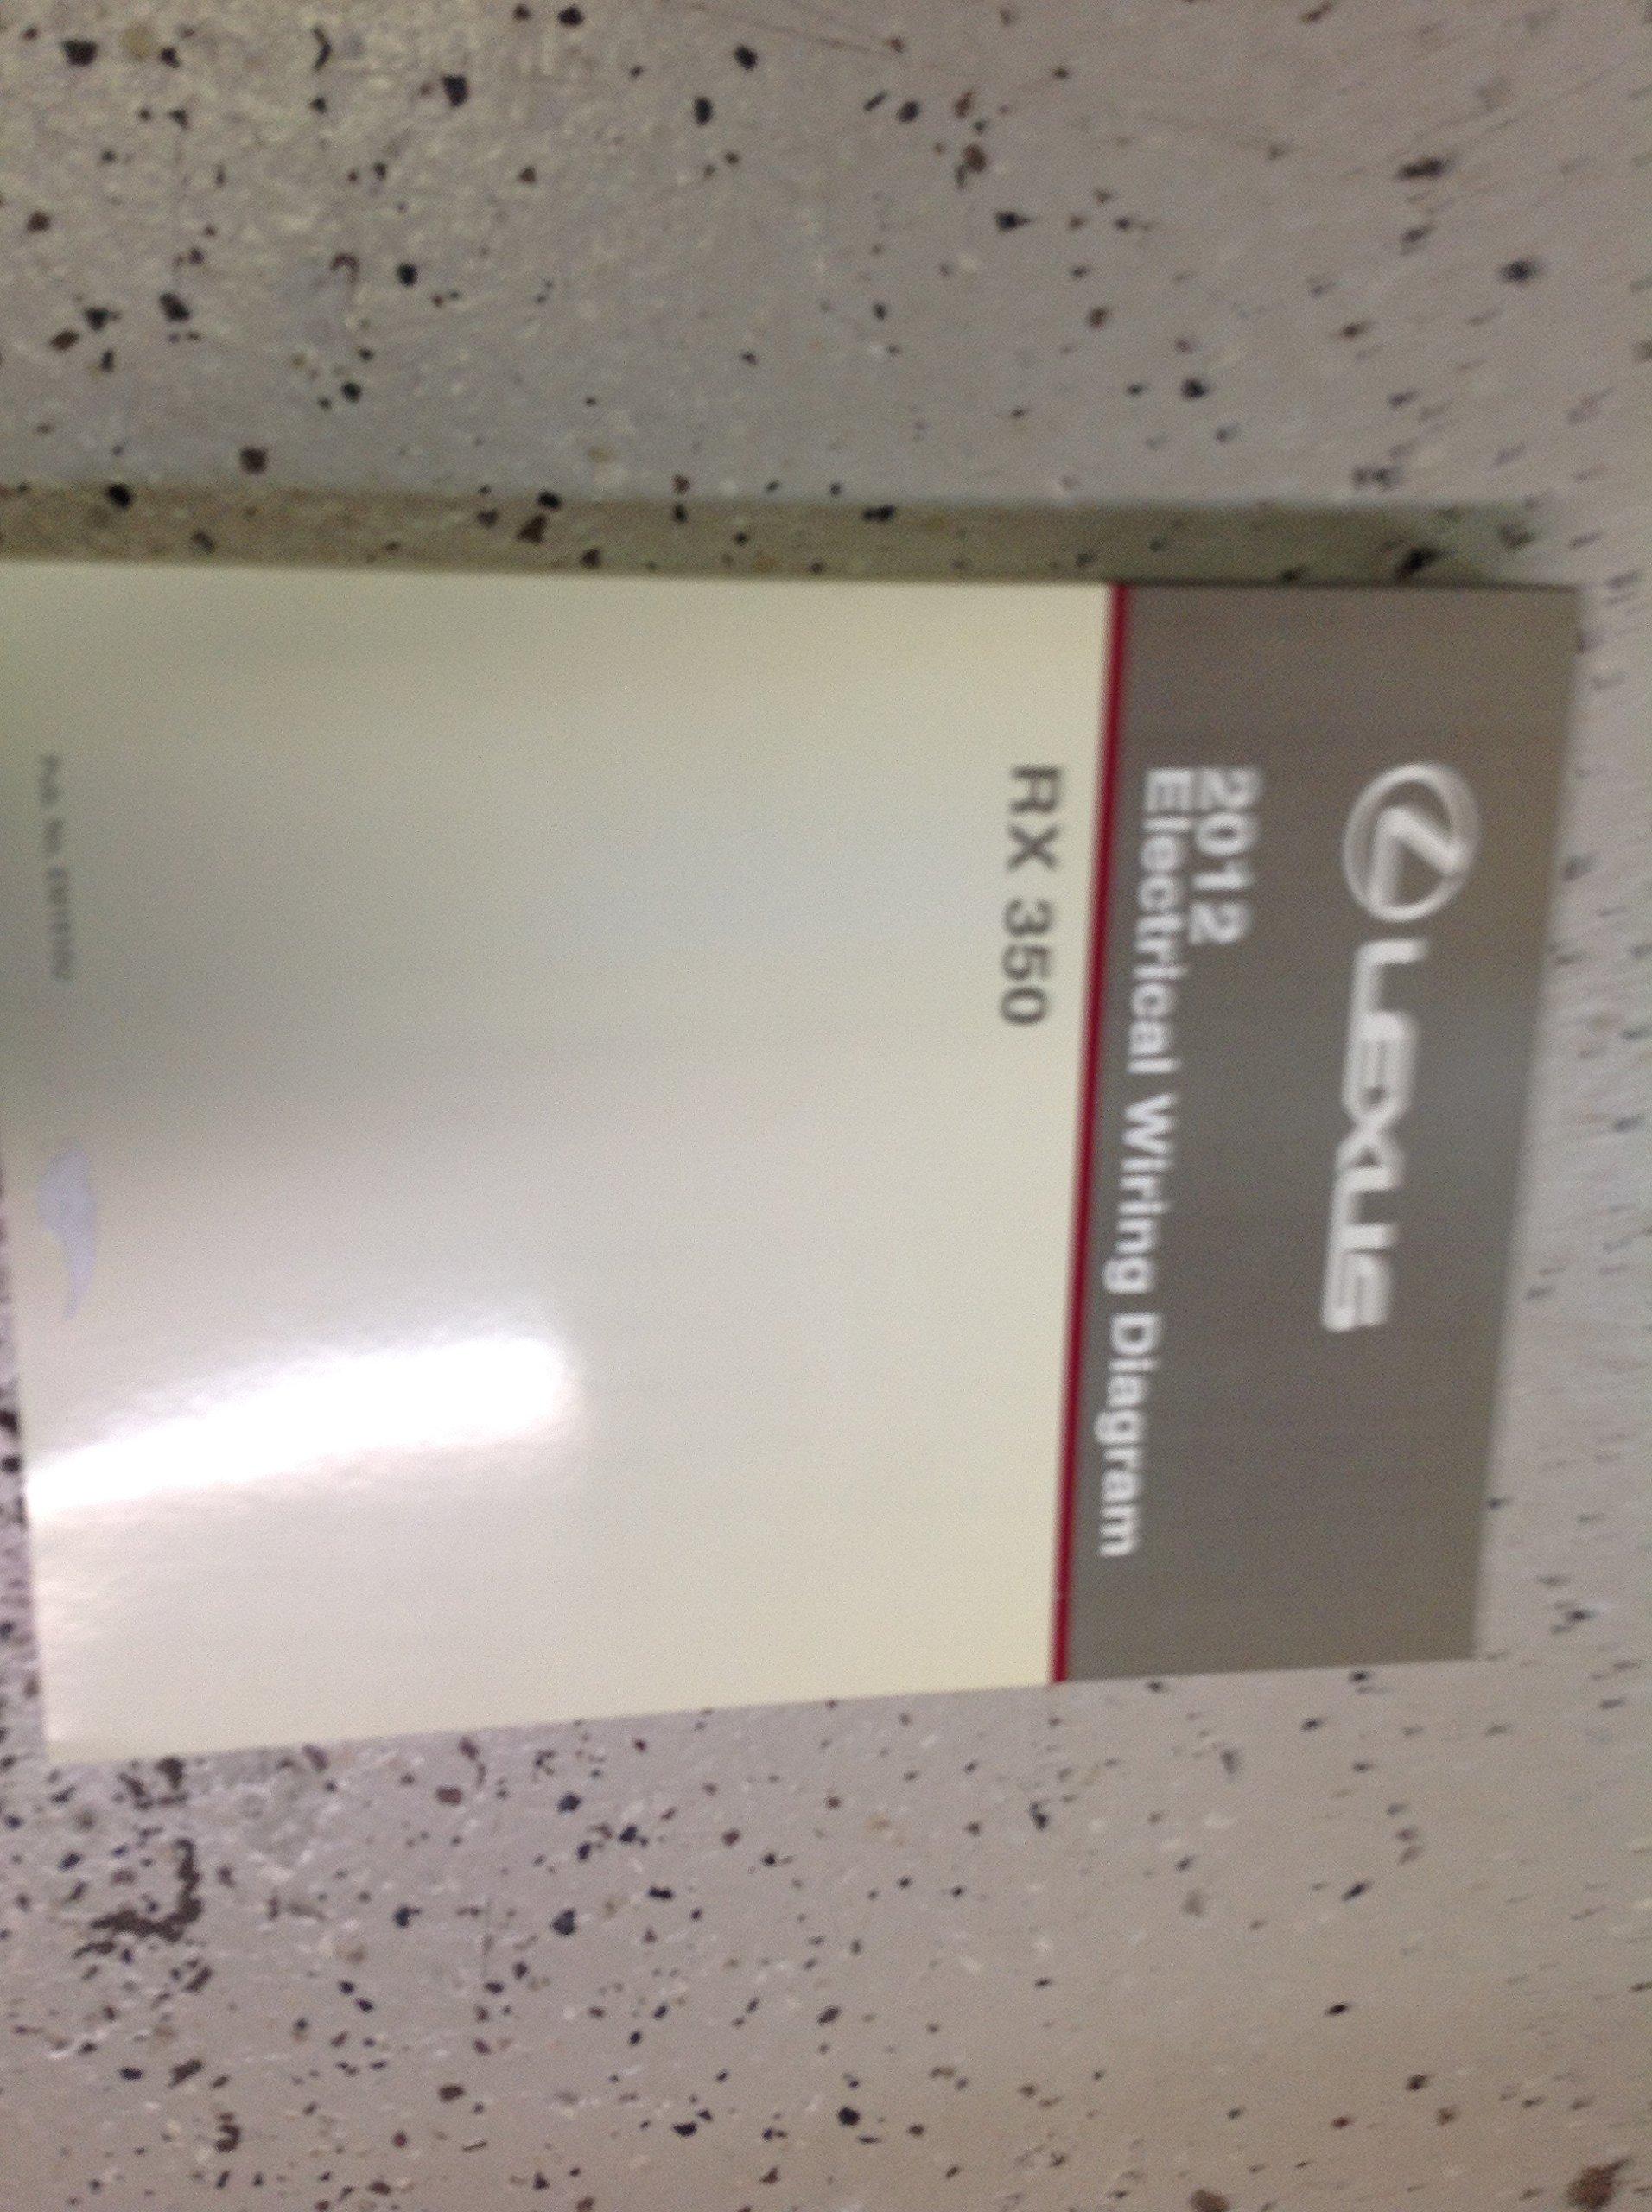 Lexus Electrical Wiring Diagram Manual